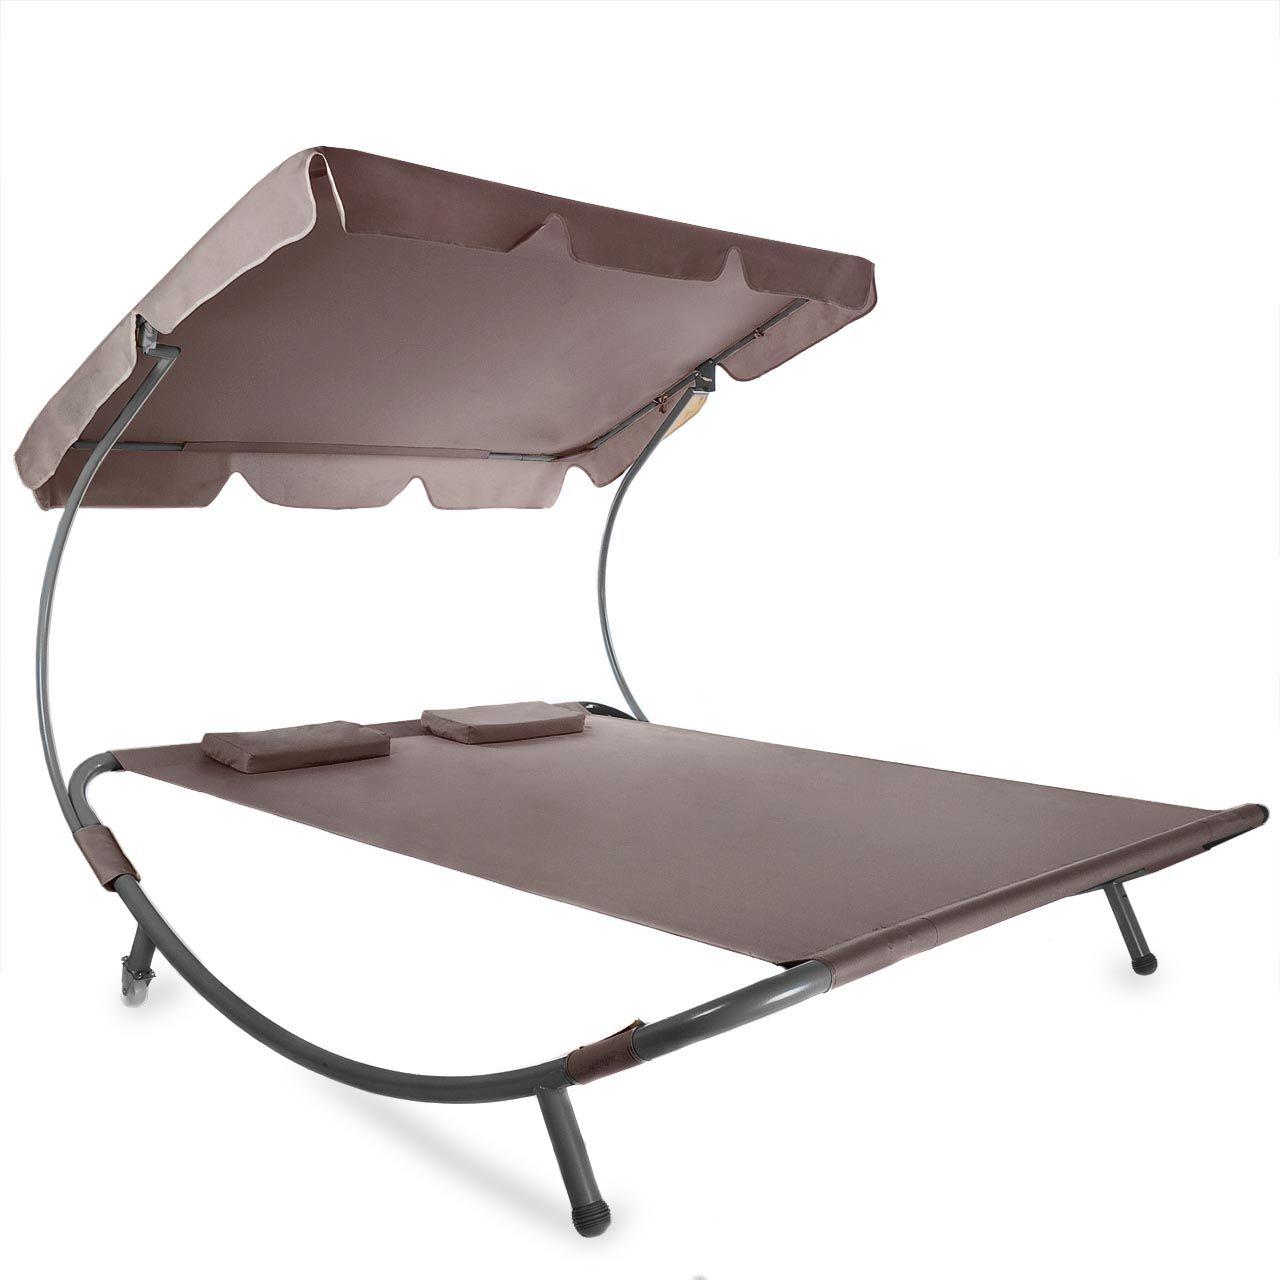 sonnenliege gartenliege relaxliege doppelliege liege dach sonnendach neu ebay. Black Bedroom Furniture Sets. Home Design Ideas